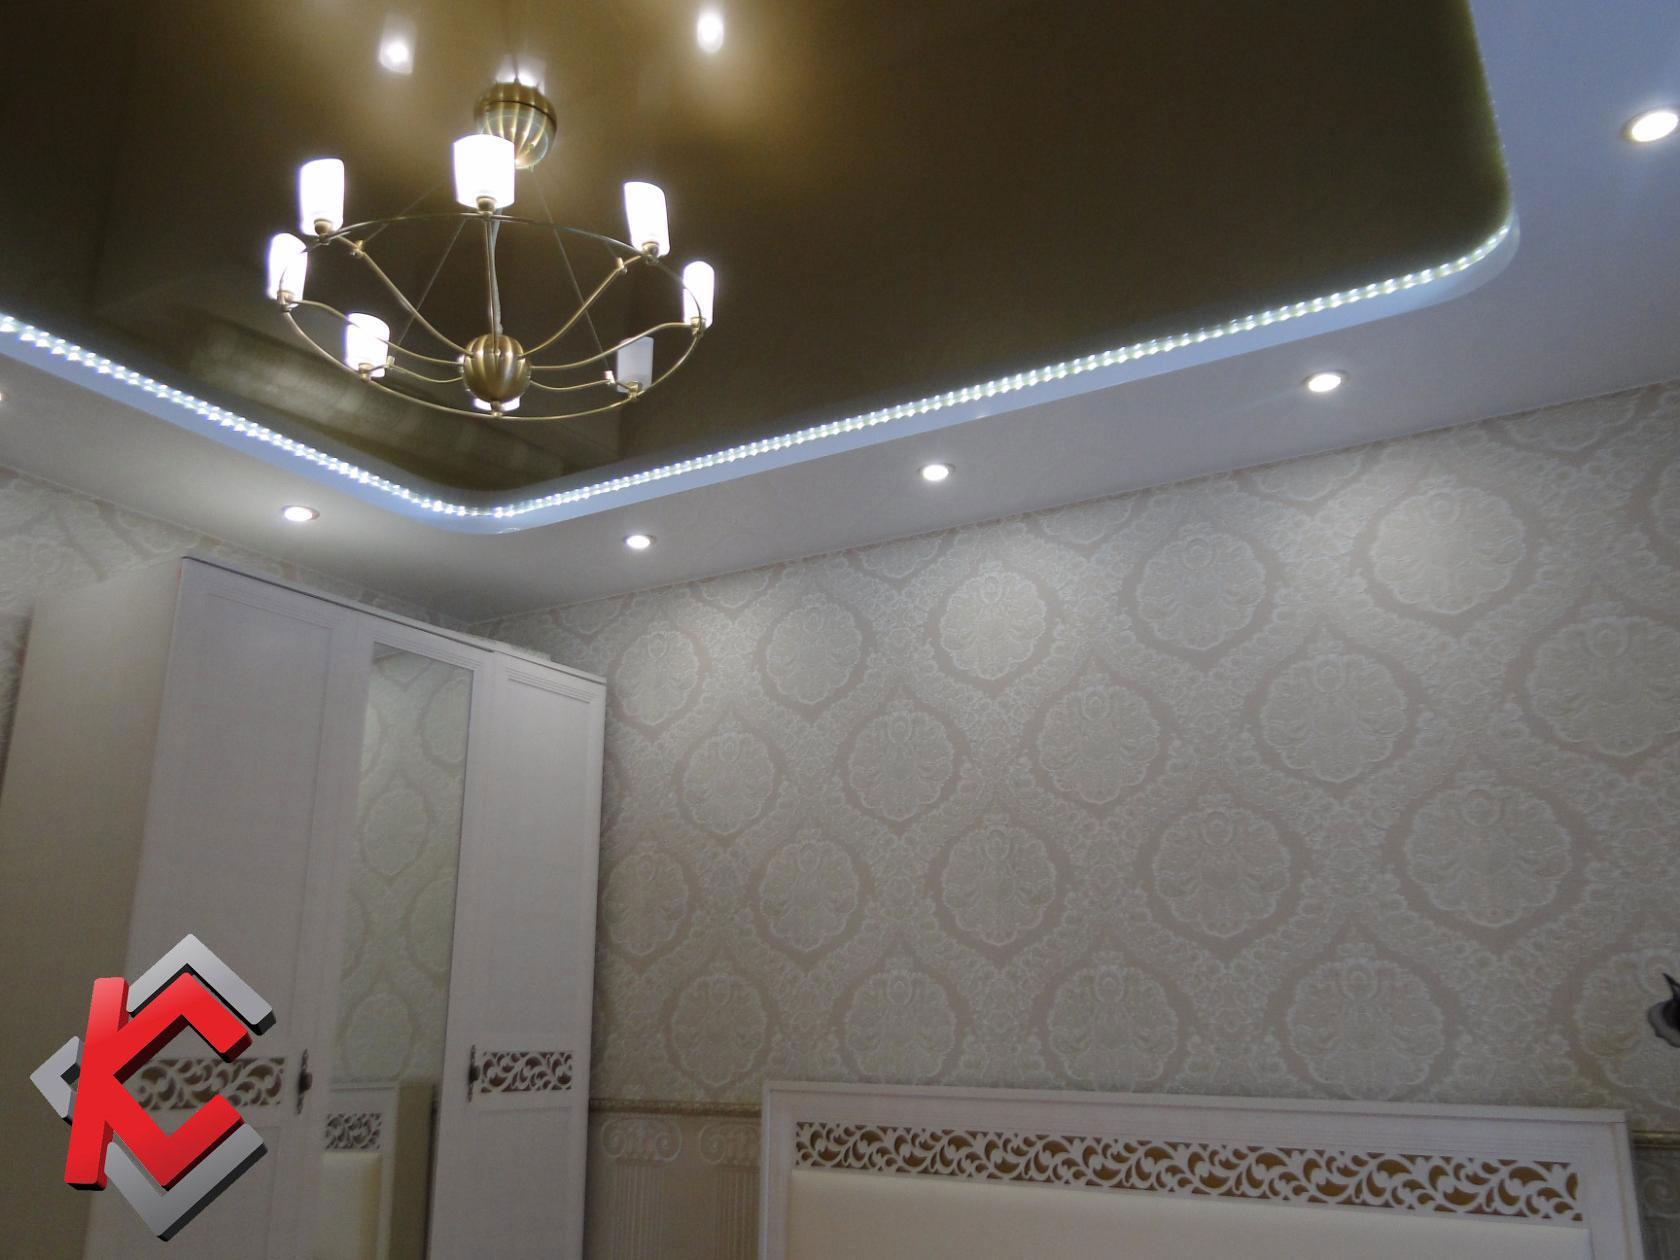 Варианты освещения комнаты с натяжным потолком: точечные, встраиваемые и накладные светильники, а так же их расположение на натяжном потолке